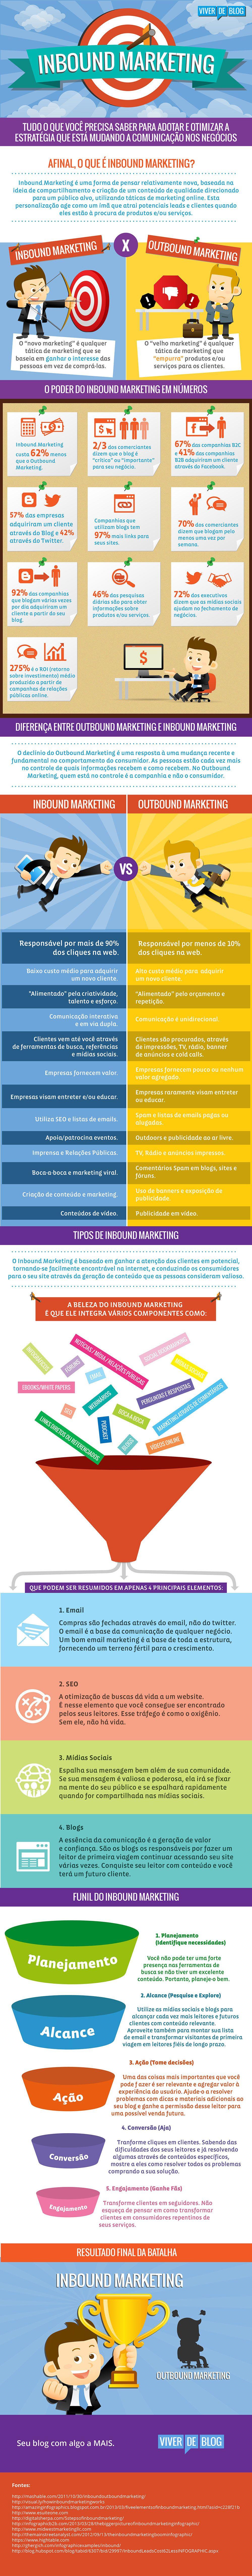 Tudo o que precisa saber para adotar e otimizar a estratégia que está mudando a comunicação nos negócios. Inbound Marketing